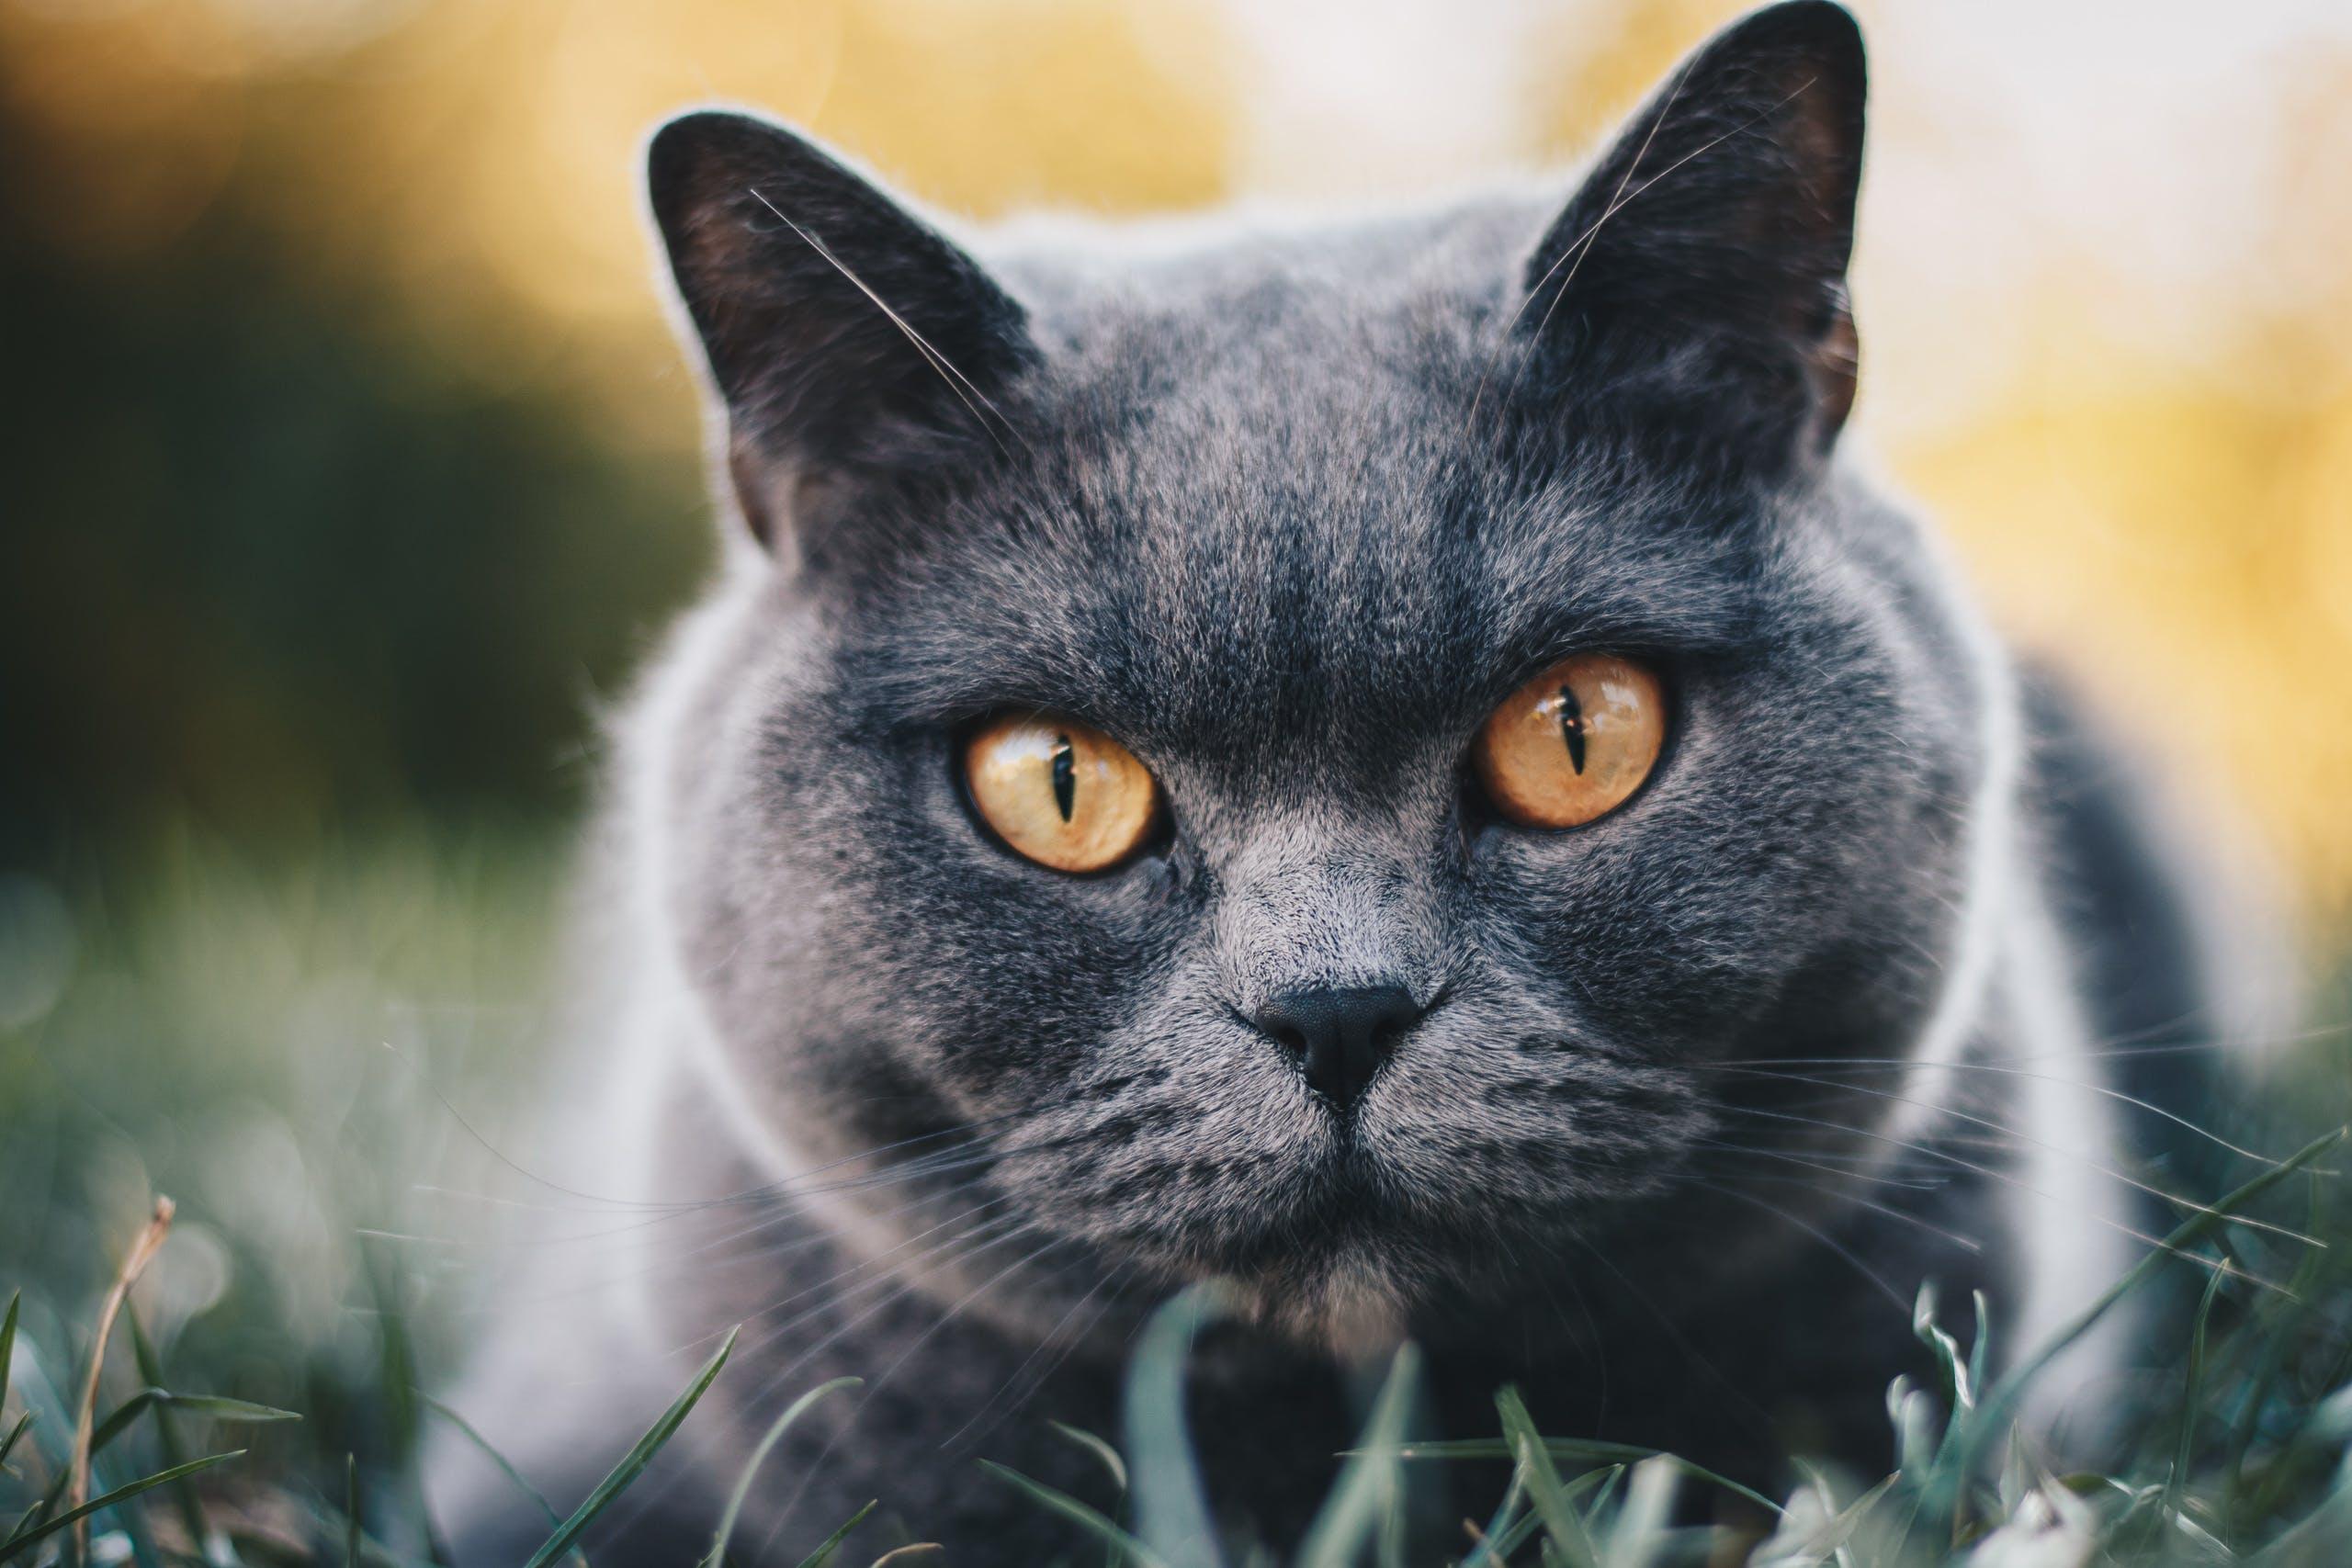 Kostnadsfri bild av brittisk korthår, däggdjur, djur, djurfotografi